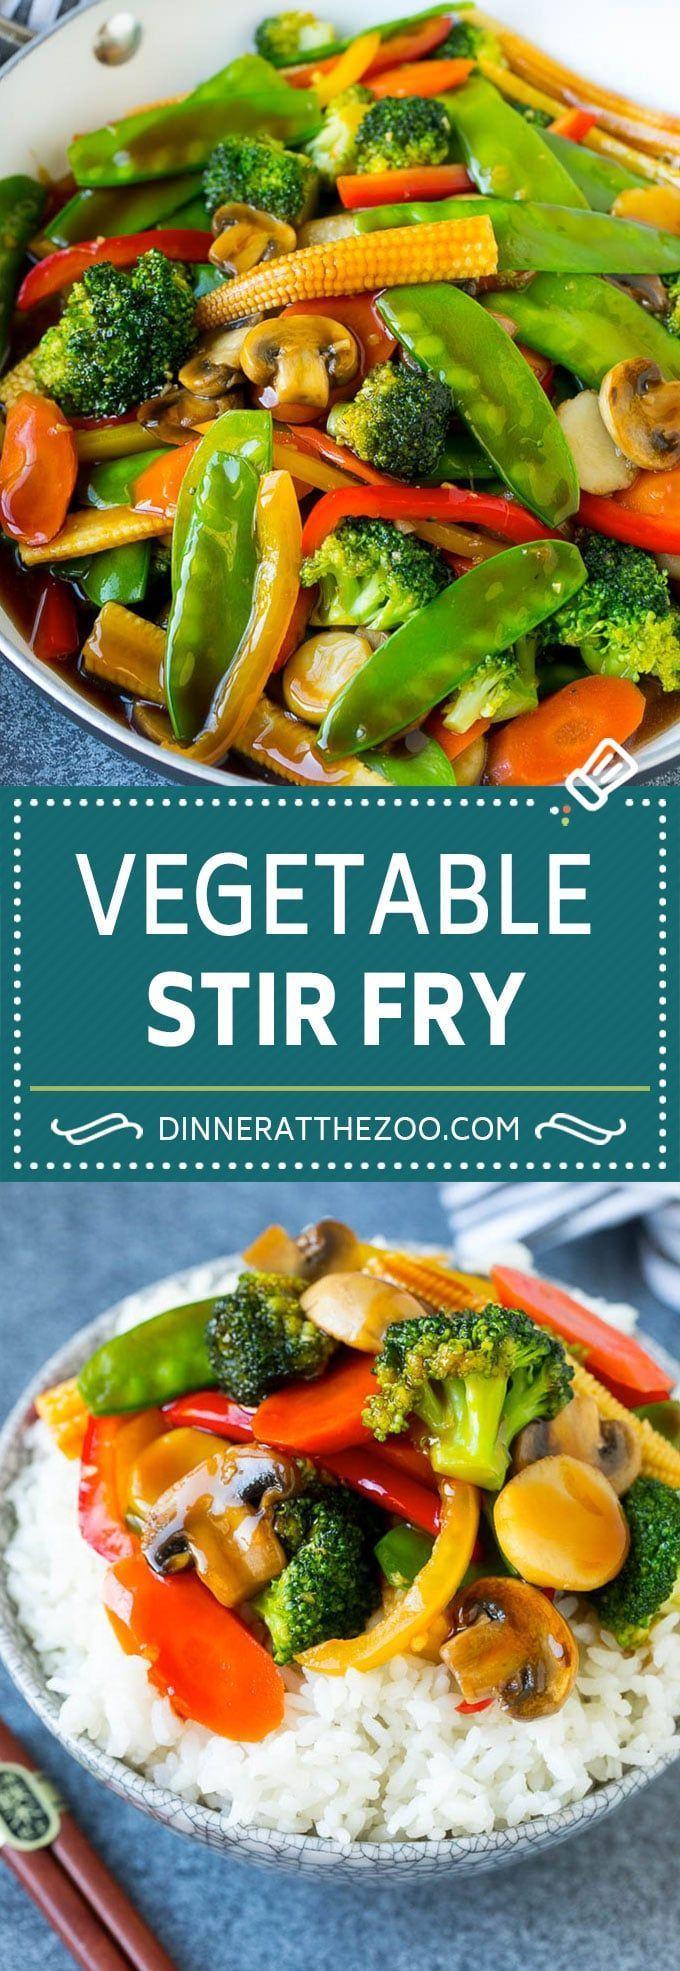 Gemüsepfanne Rezept | Veggie Stir Fry | Broccoli Stir Fry #vegetarian #veg ... ... - Gemüse Rezepte & Ideen - #Broccoli #Fry #Gemüse #Gemüsepfanne #Ideen #Rezept #Rezepte #Stir #veg #Vegetarian #Veggie #healthystirfry